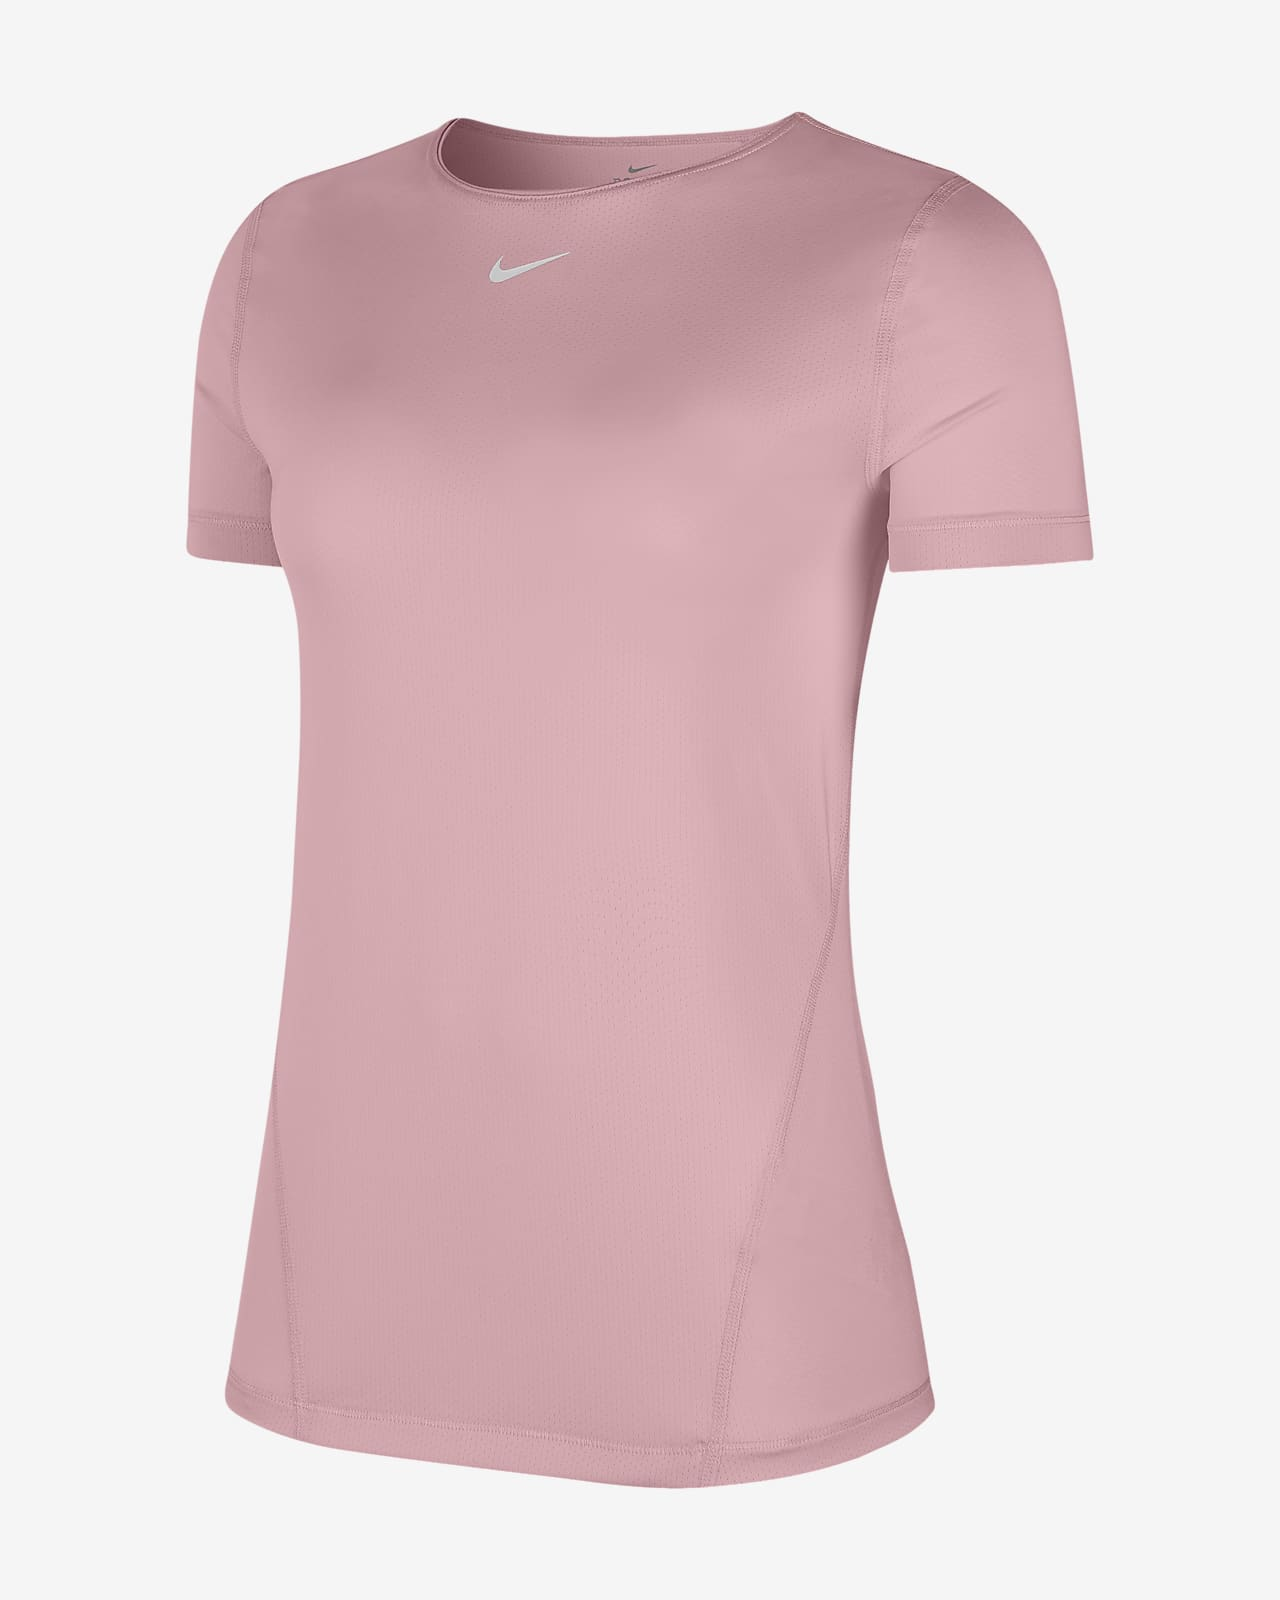 Nike Pro Mesh 女子训练上衣